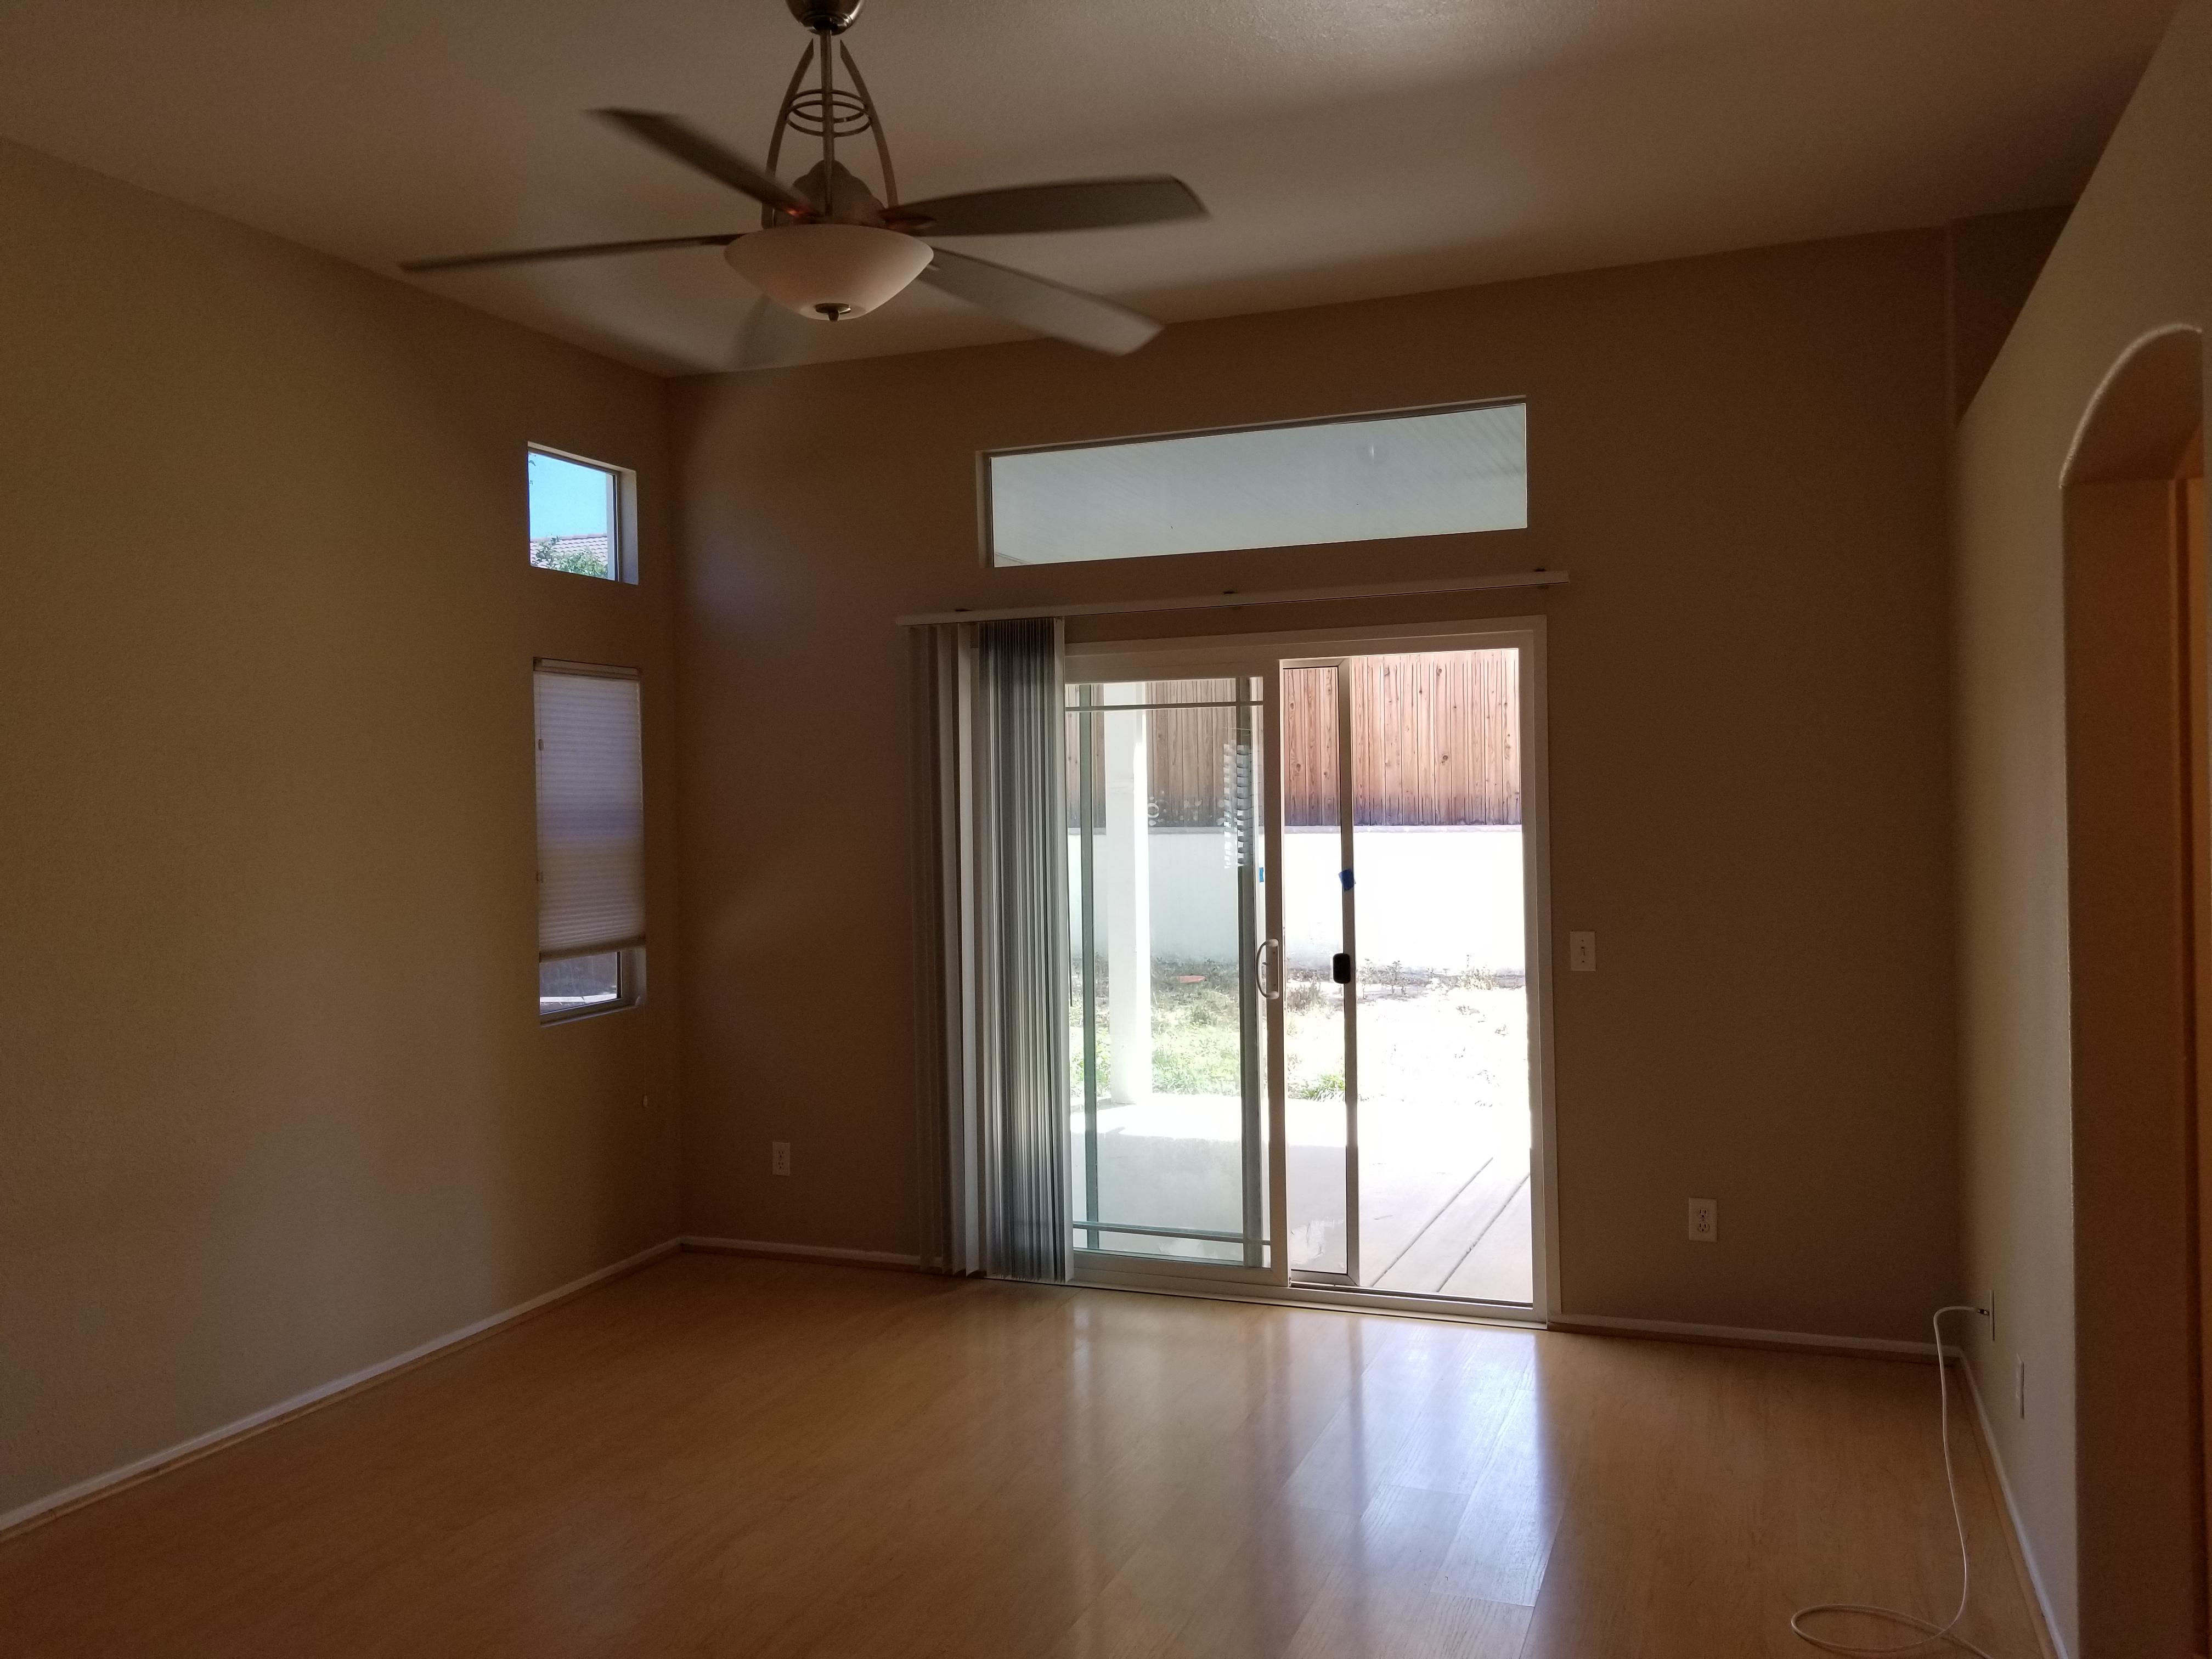 Photo of 35454 Prairie Rd, Wildomar, CA, 92595